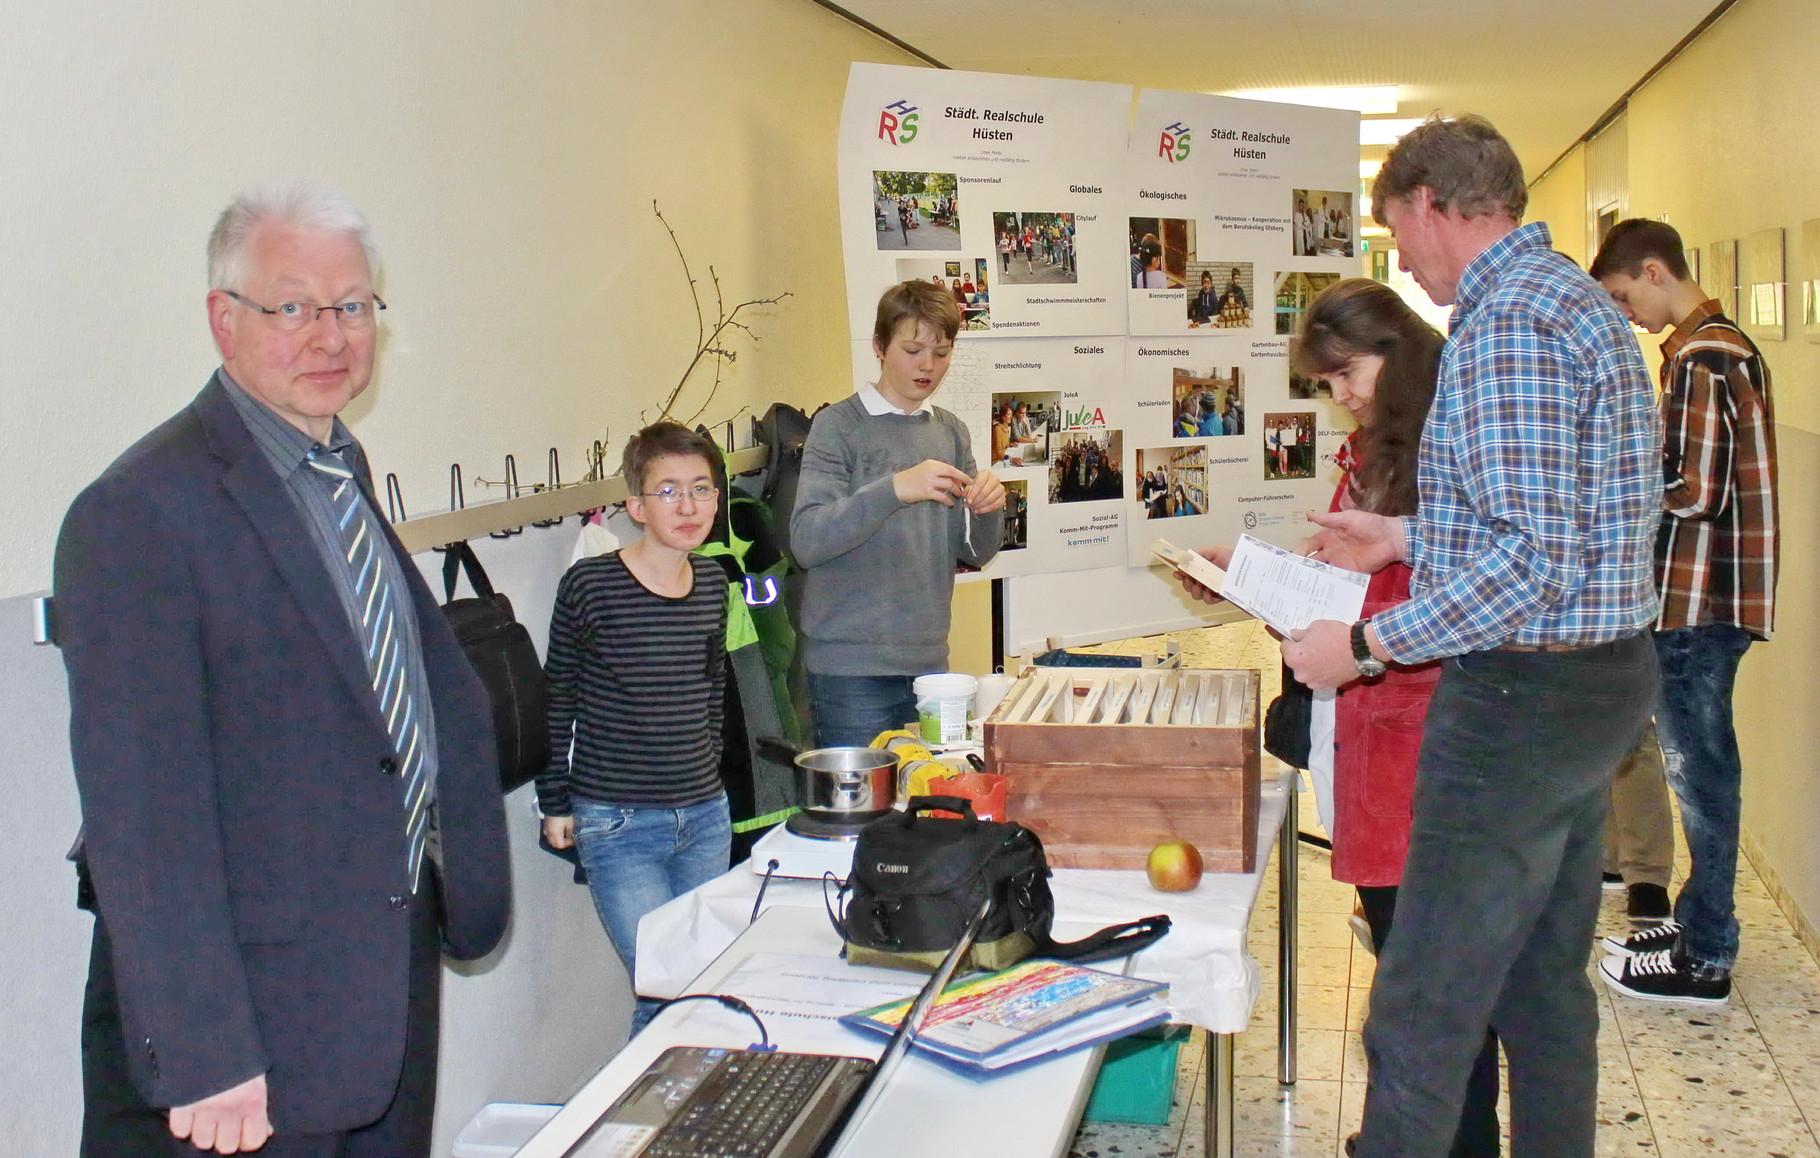 Stand der Städtischen Realschule Hüsten (links Schulleiter Dr. Ulrich Kleine, Maria Gehrke (9b) und Jan Monier (7b) von der Imkerei-AG und vorn rechts AG-Leiter Matthias Möllmann)